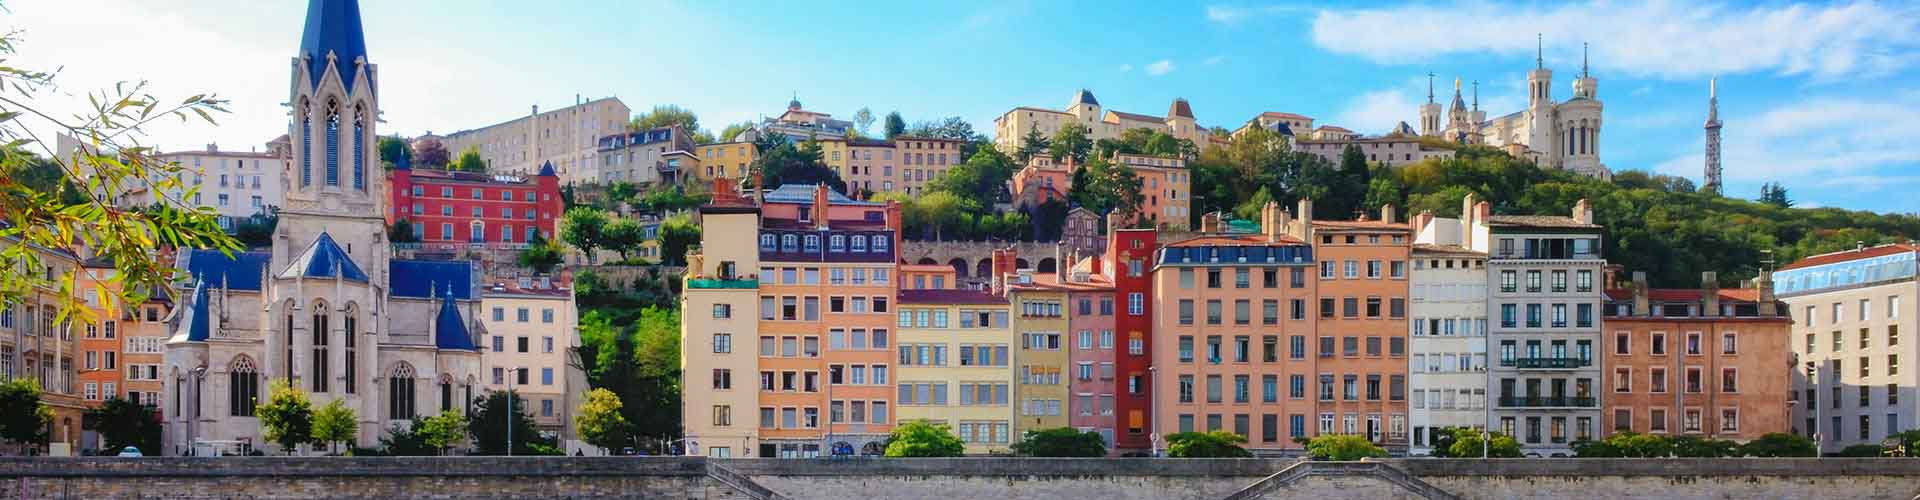 Lyon - Auberges de jeunesse dans le quartier de Perrache. Cartes pour Lyon, photos et commentaires pour chaque auberge de jeunesse à Lyon.